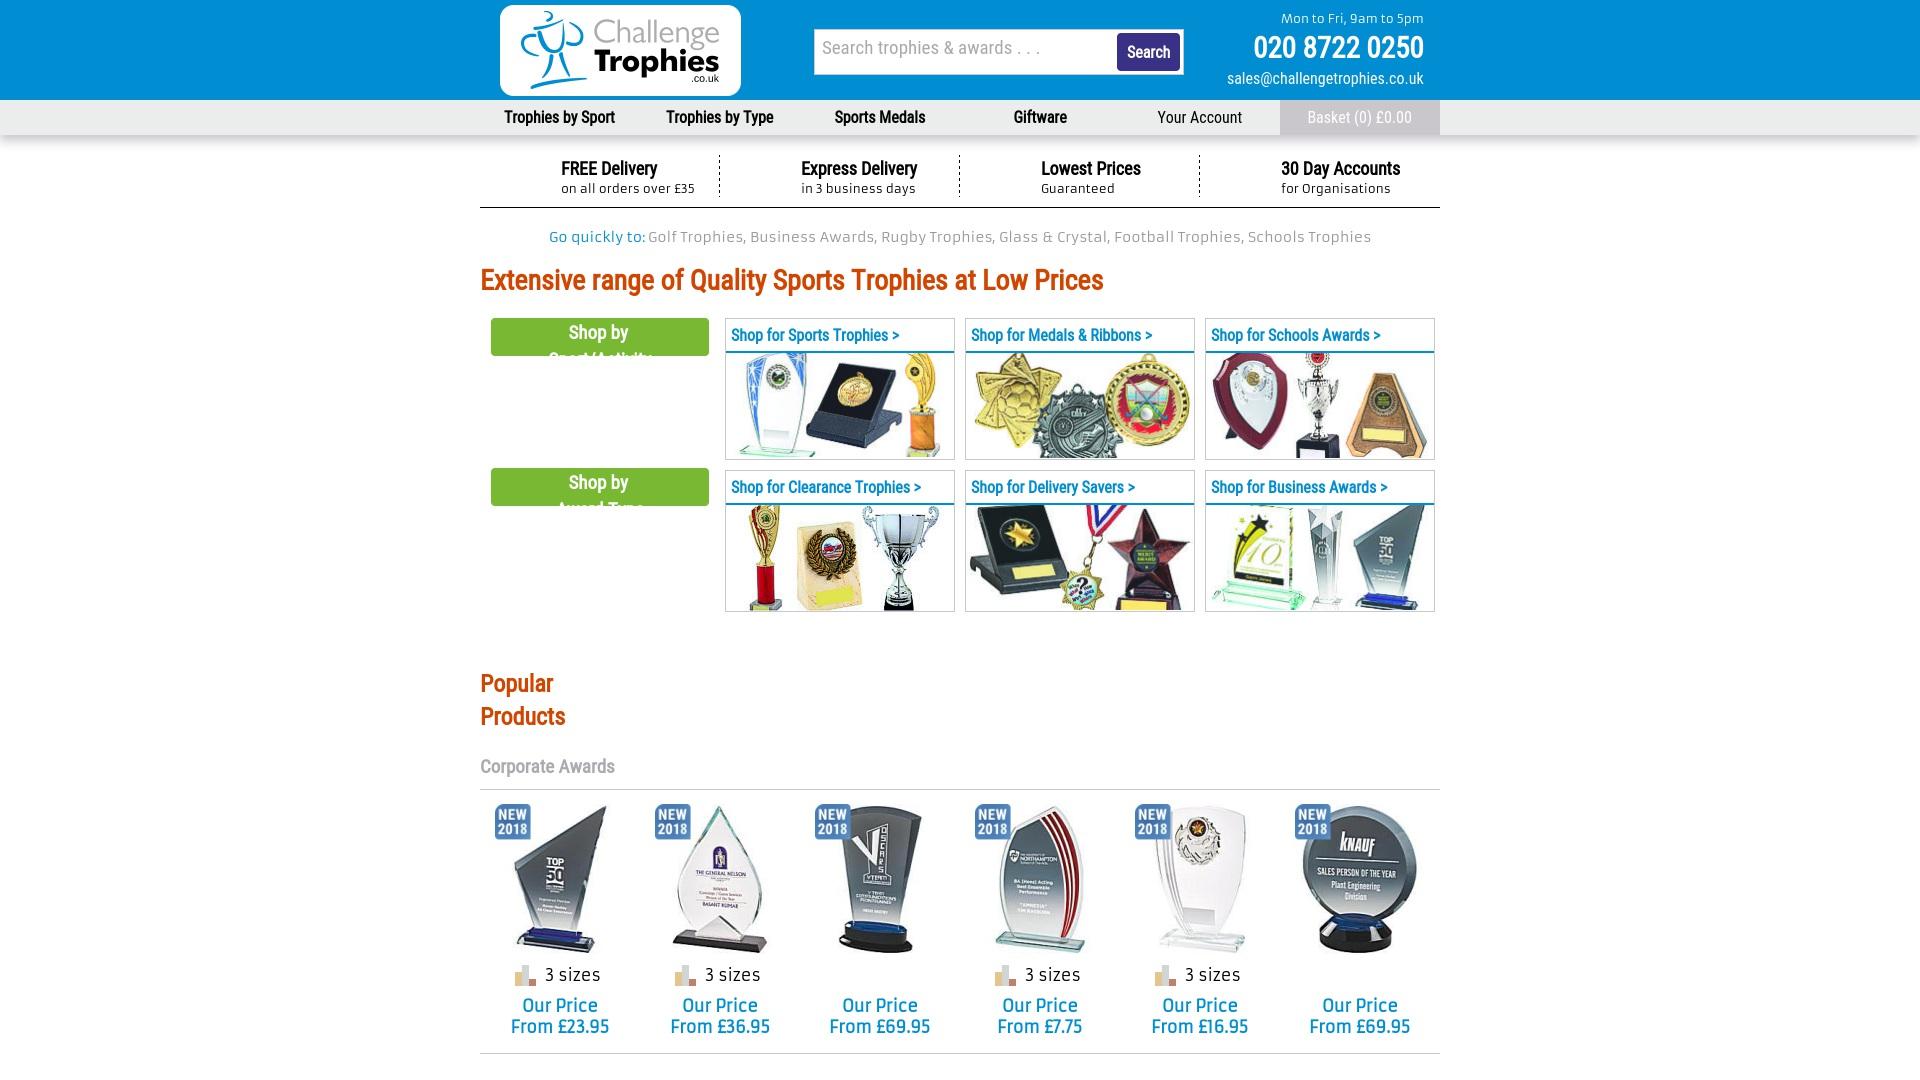 Gutschein für Challengetrophies: Rabatte für  Challengetrophies sichern